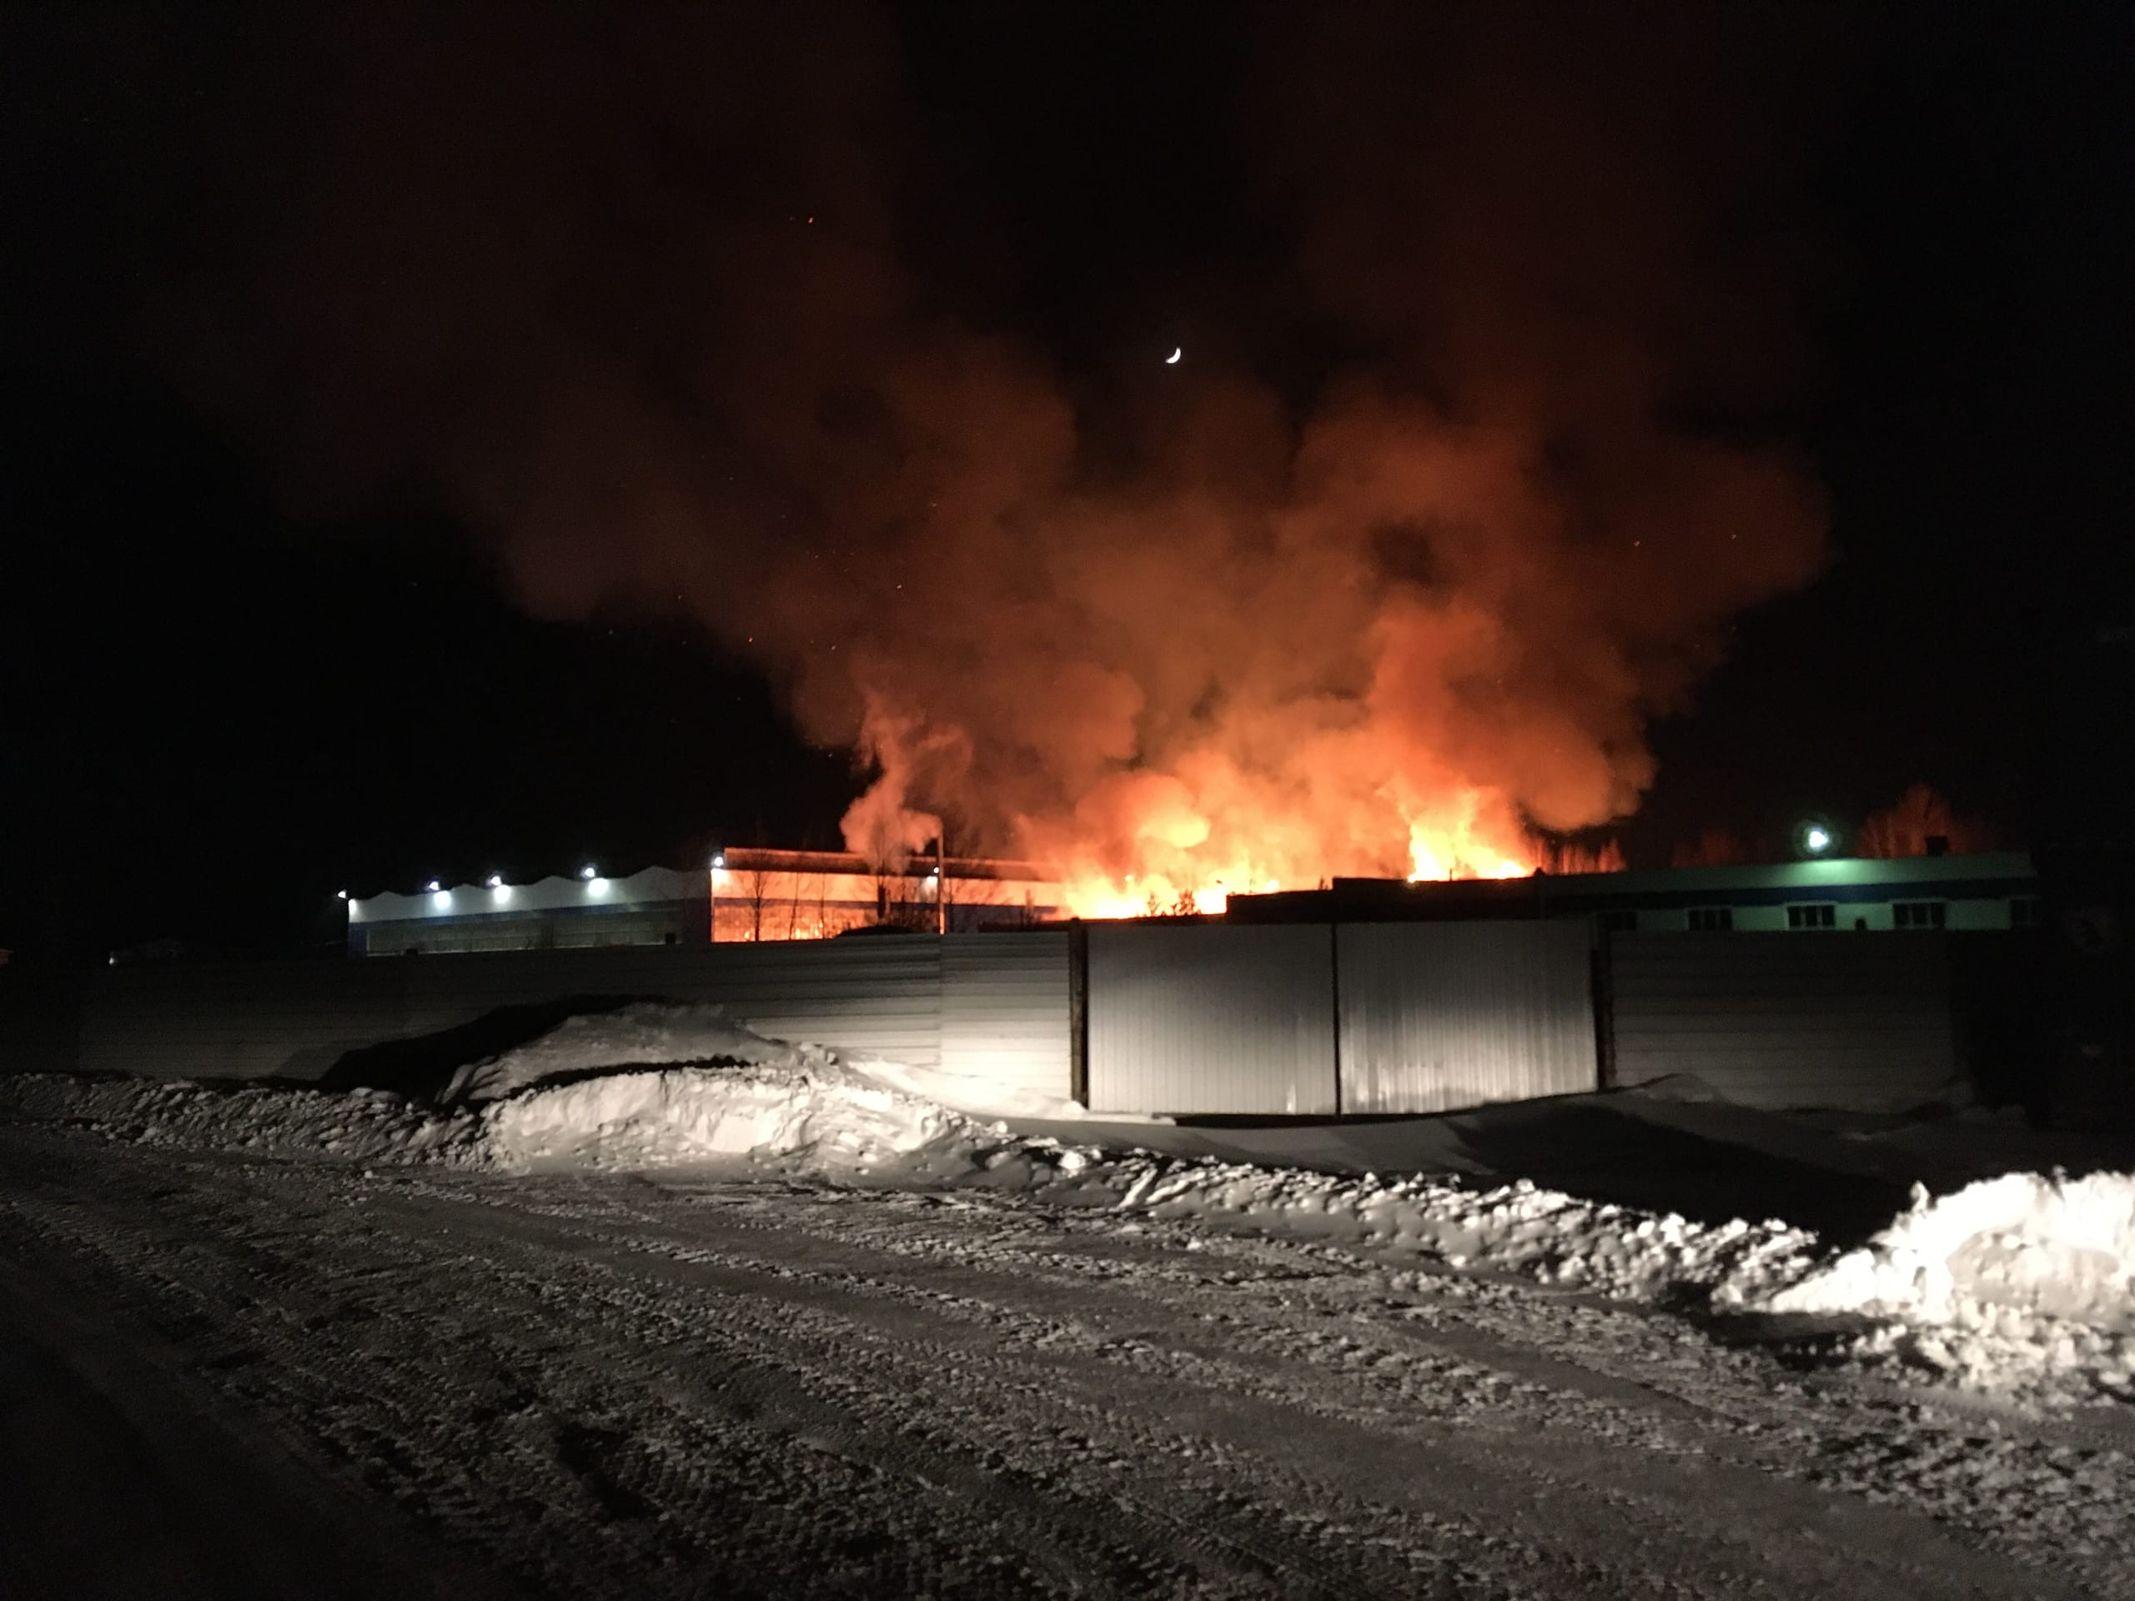 В Рыбинске сгорела пилорама площадью 800 квадратных метров